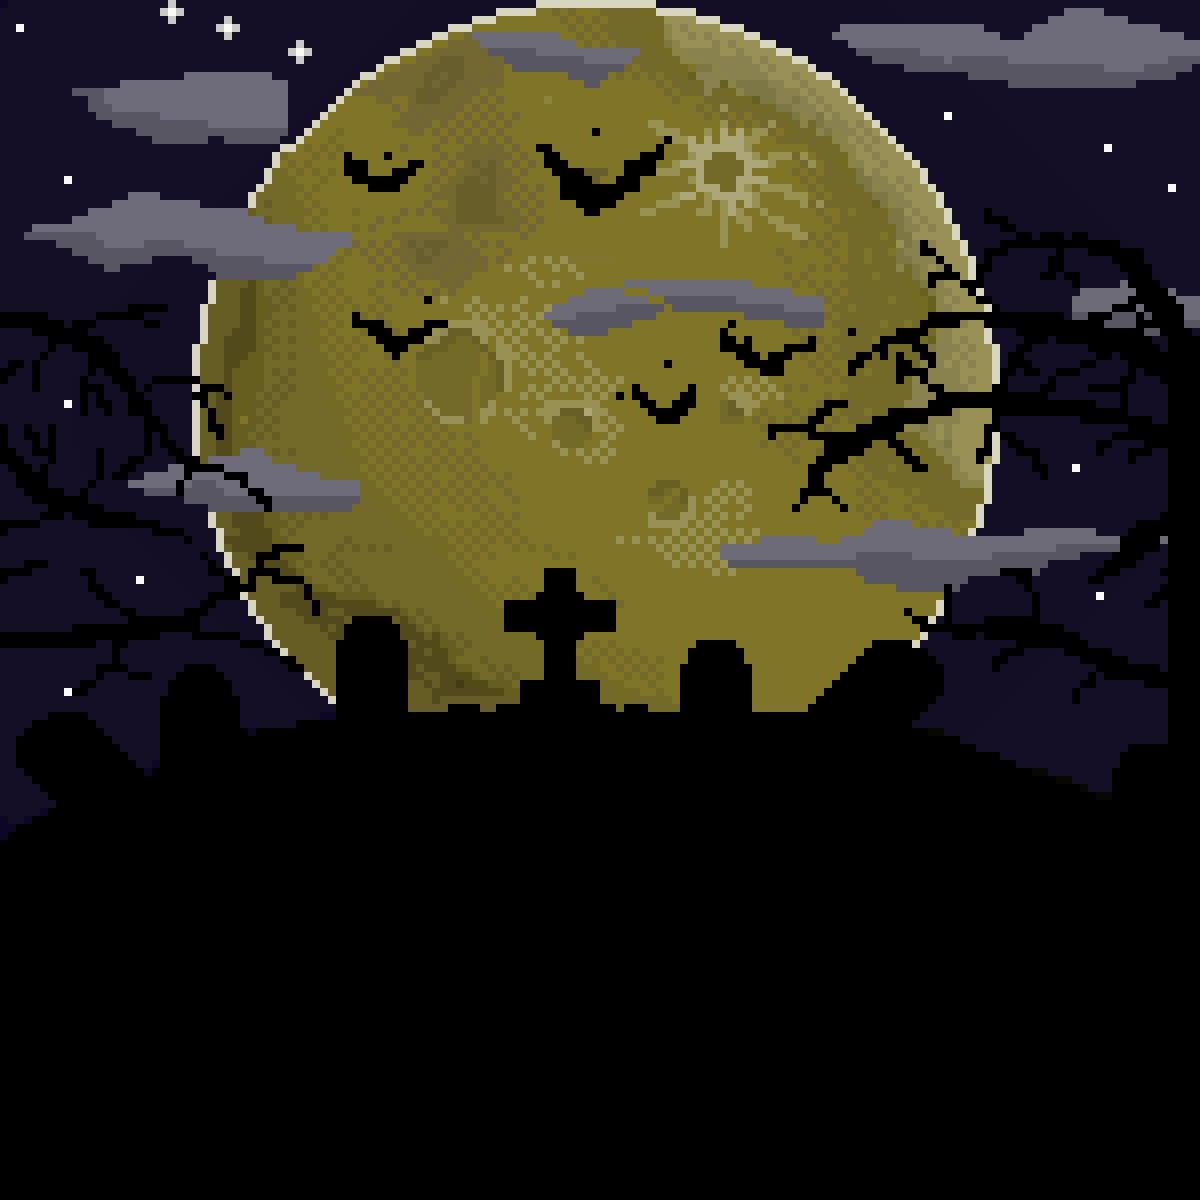 Graveyard by Patricio-Rey